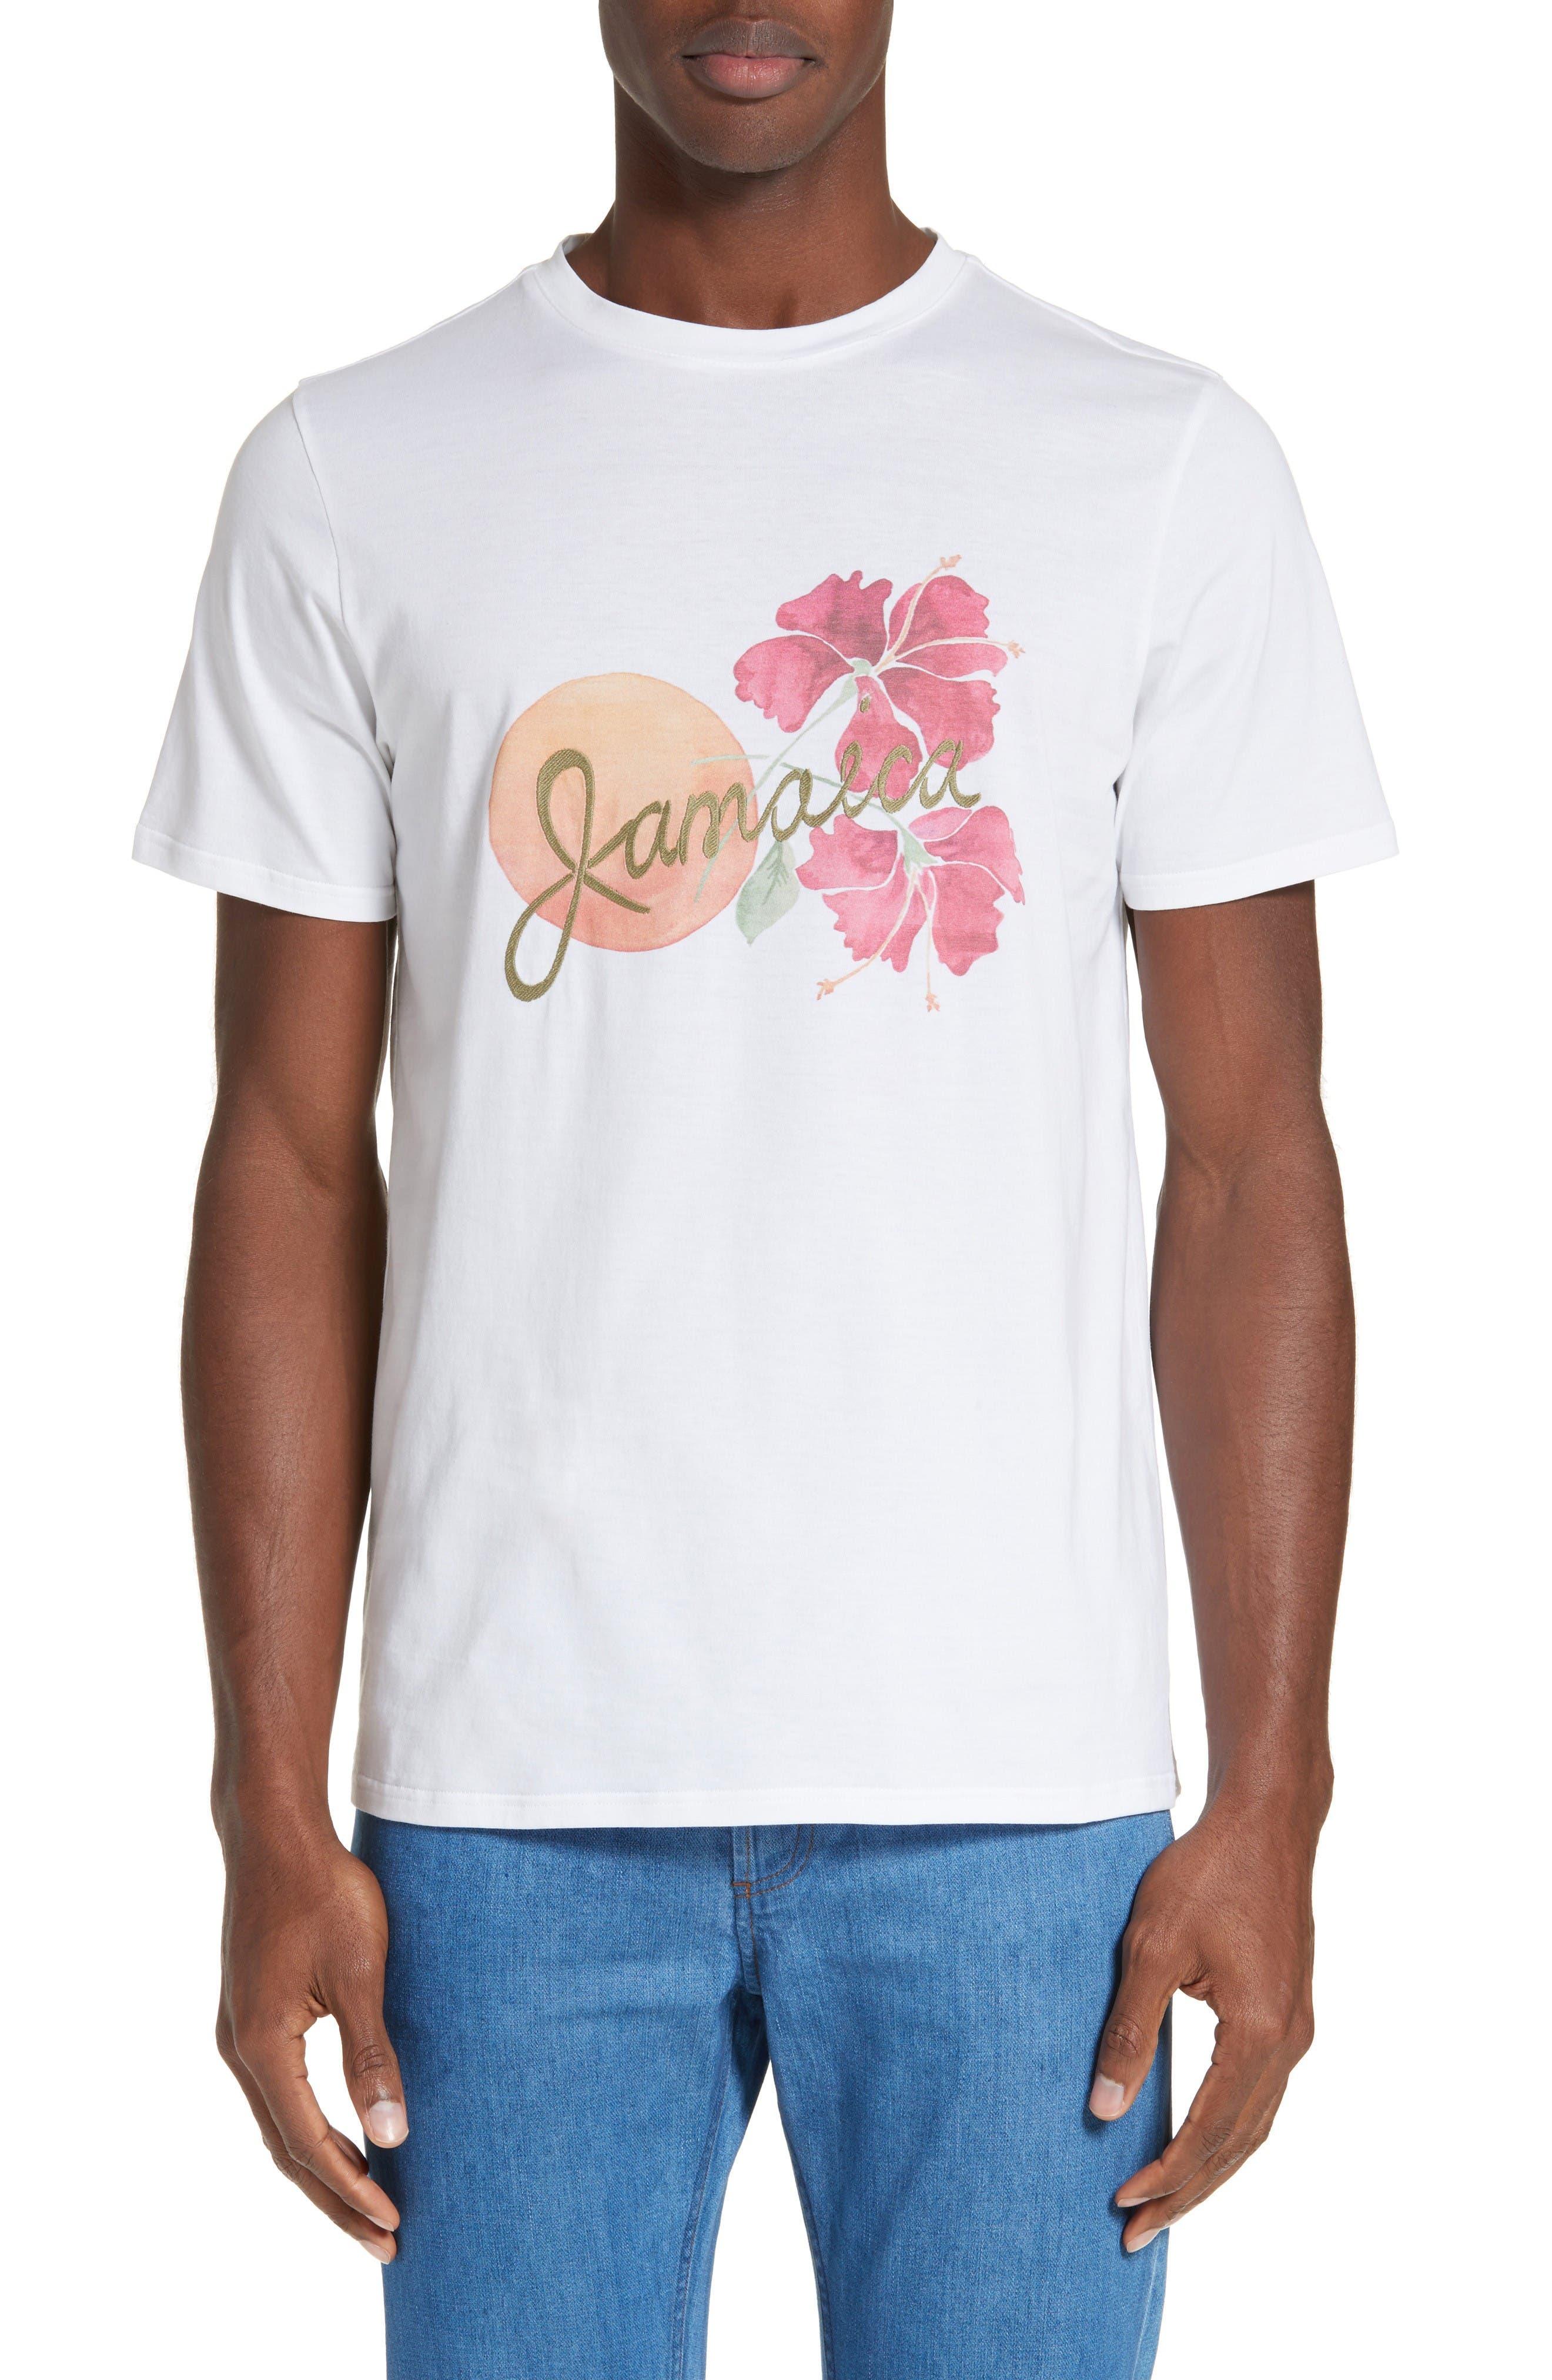 A.P.C. Jamaica Floral Graphic T-Shirt